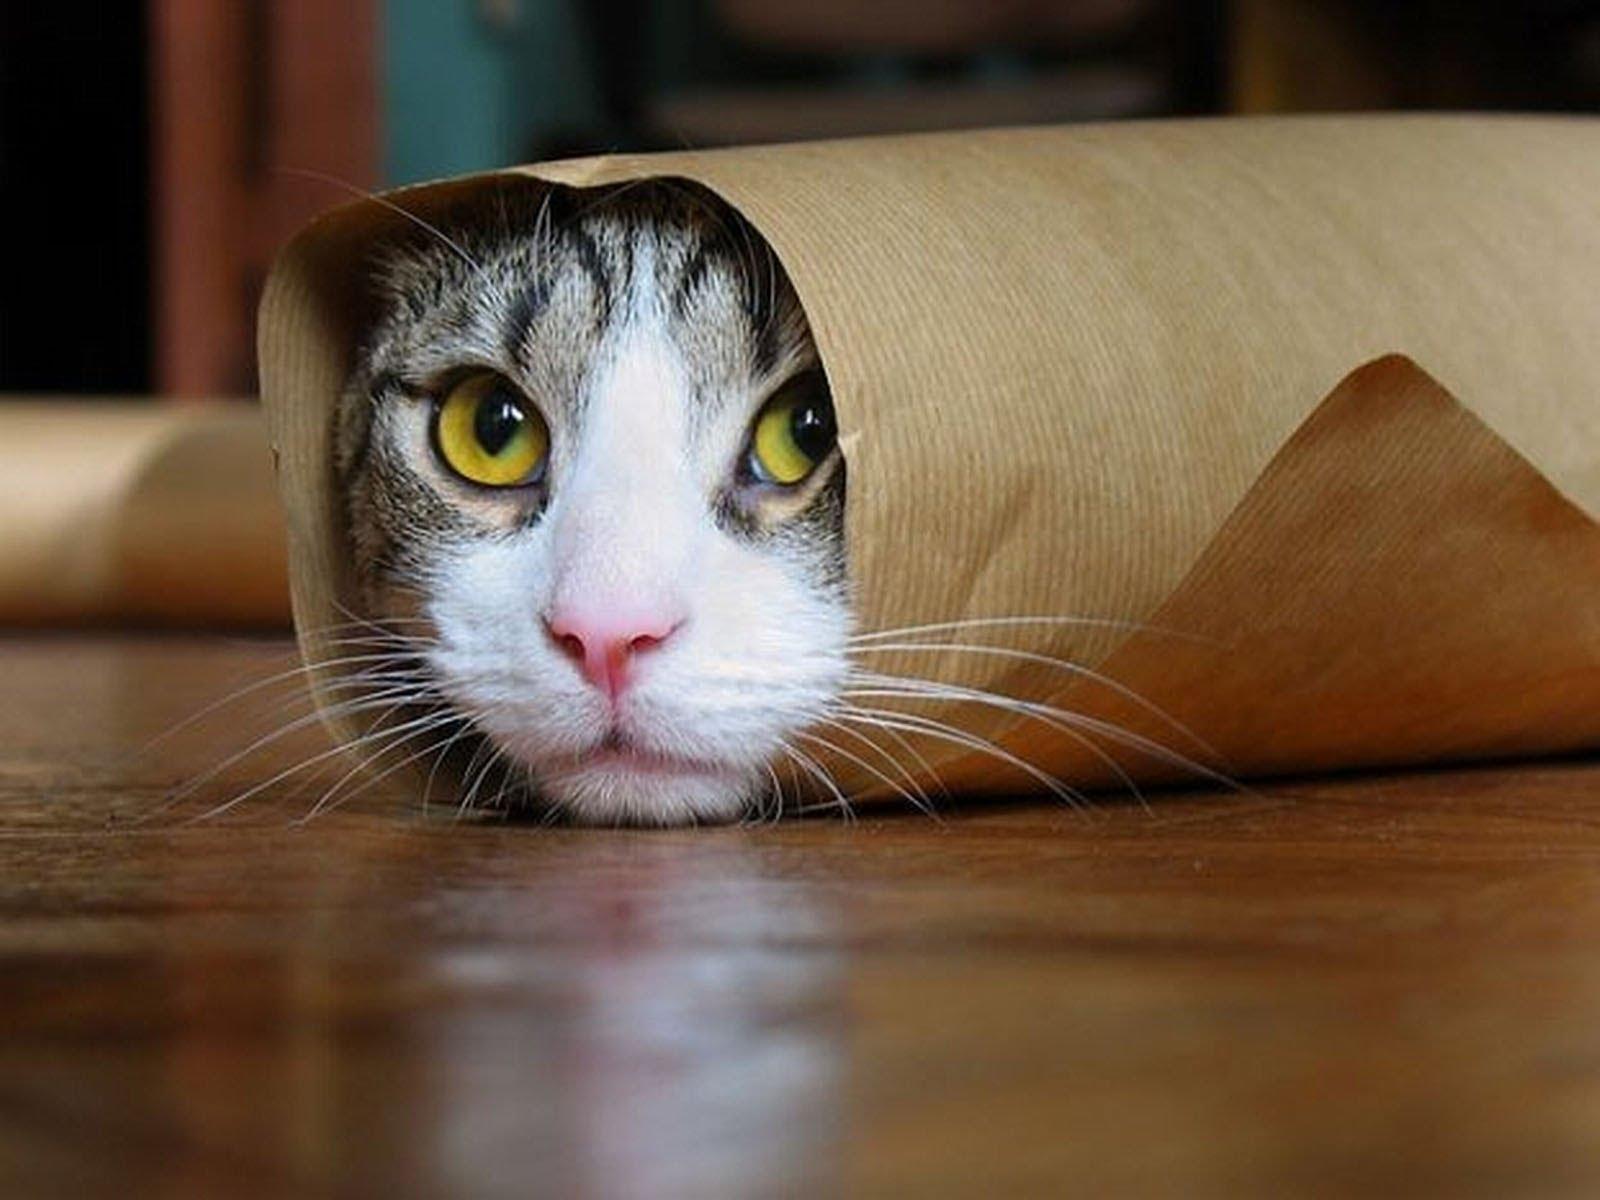 صوره صور قطط مضحكة , هرة طريفة